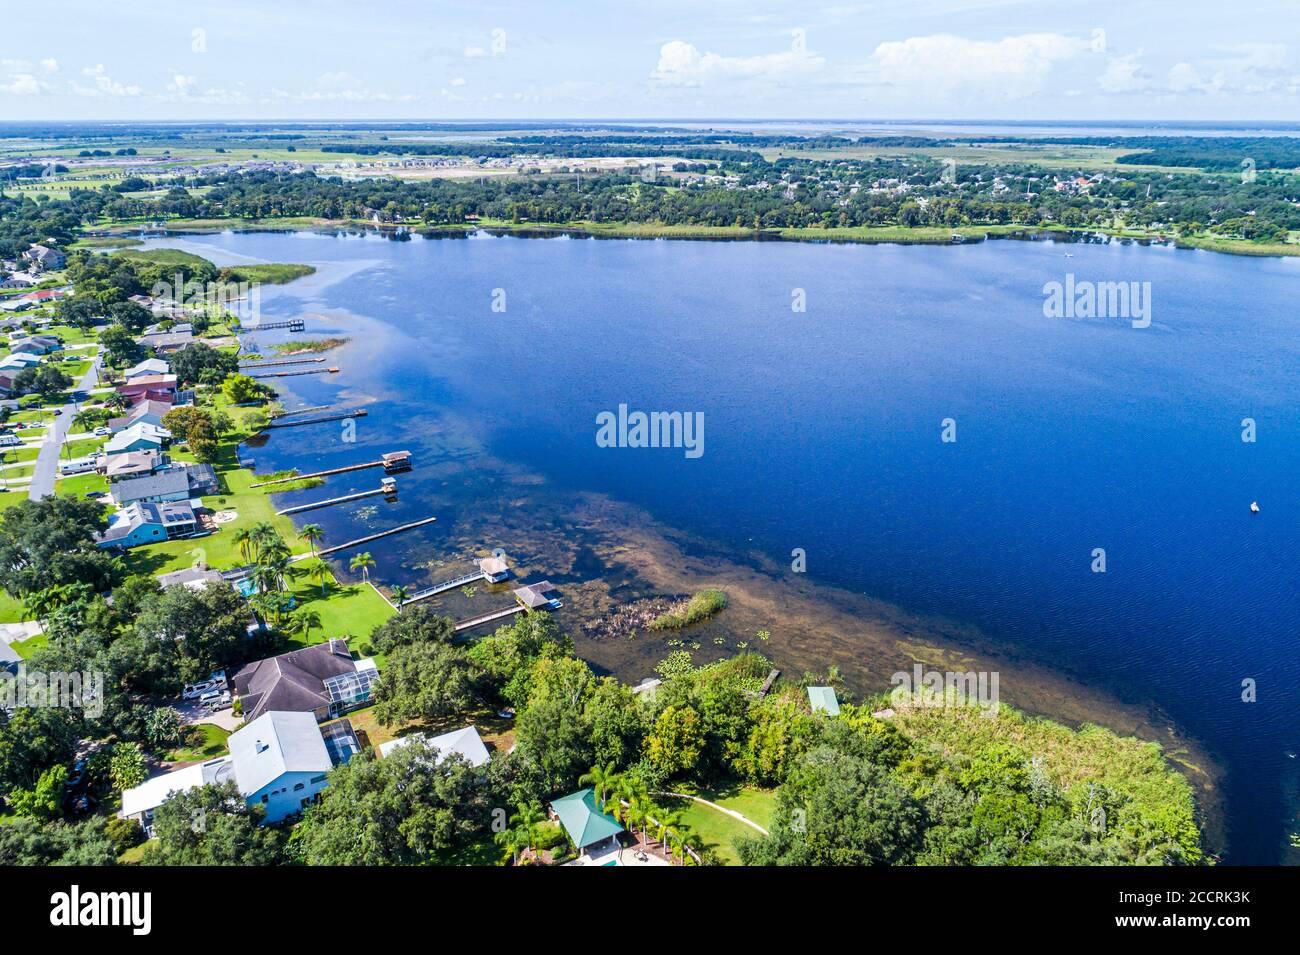 Florida Kissimmee Parton Settlement Fish Lake accueille des jetées privées au bord du lac vue aérienne en hauteur de l'oeil d'oiseau au-dessus Banque D'Images